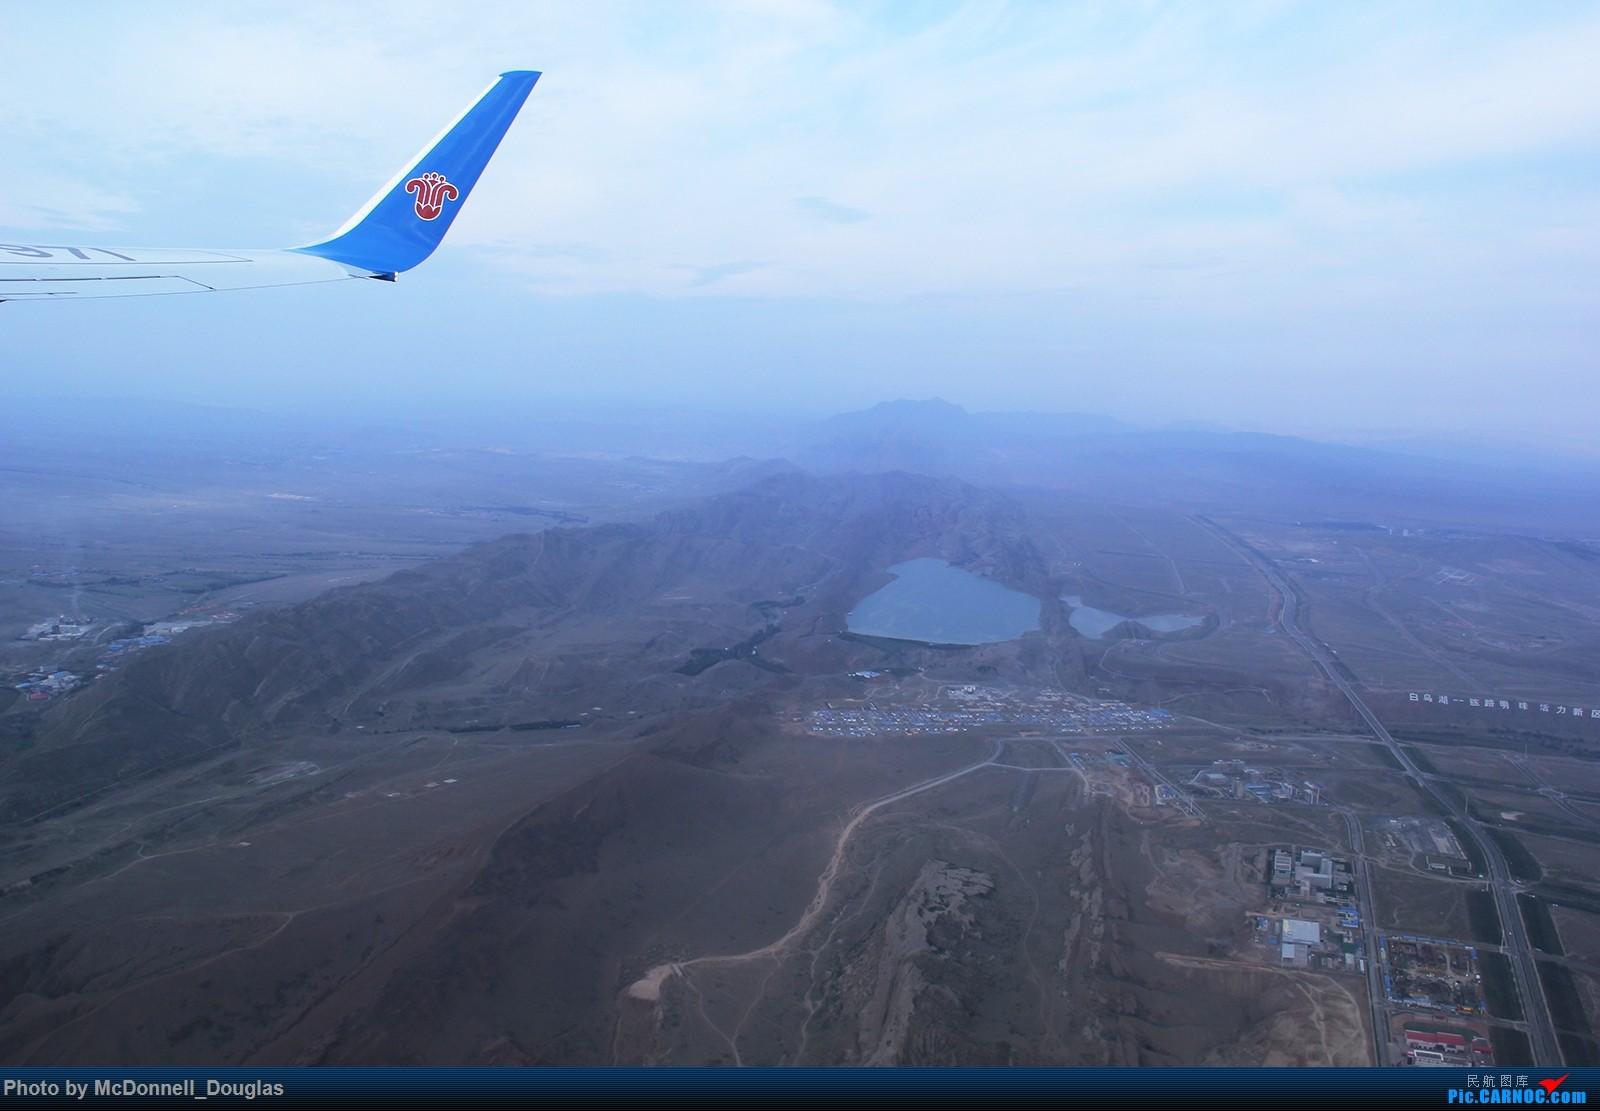 Re:[原创]【上海飞友会】【zc带你走天下(3)】再访祖辈年轻时工作的土地,父母年少时生活戈壁,跨越大半个中国去看新疆,回程小游蓉城(下) BOEING 737-81B B-7971 中国乌鲁木齐地窝堡国际机场